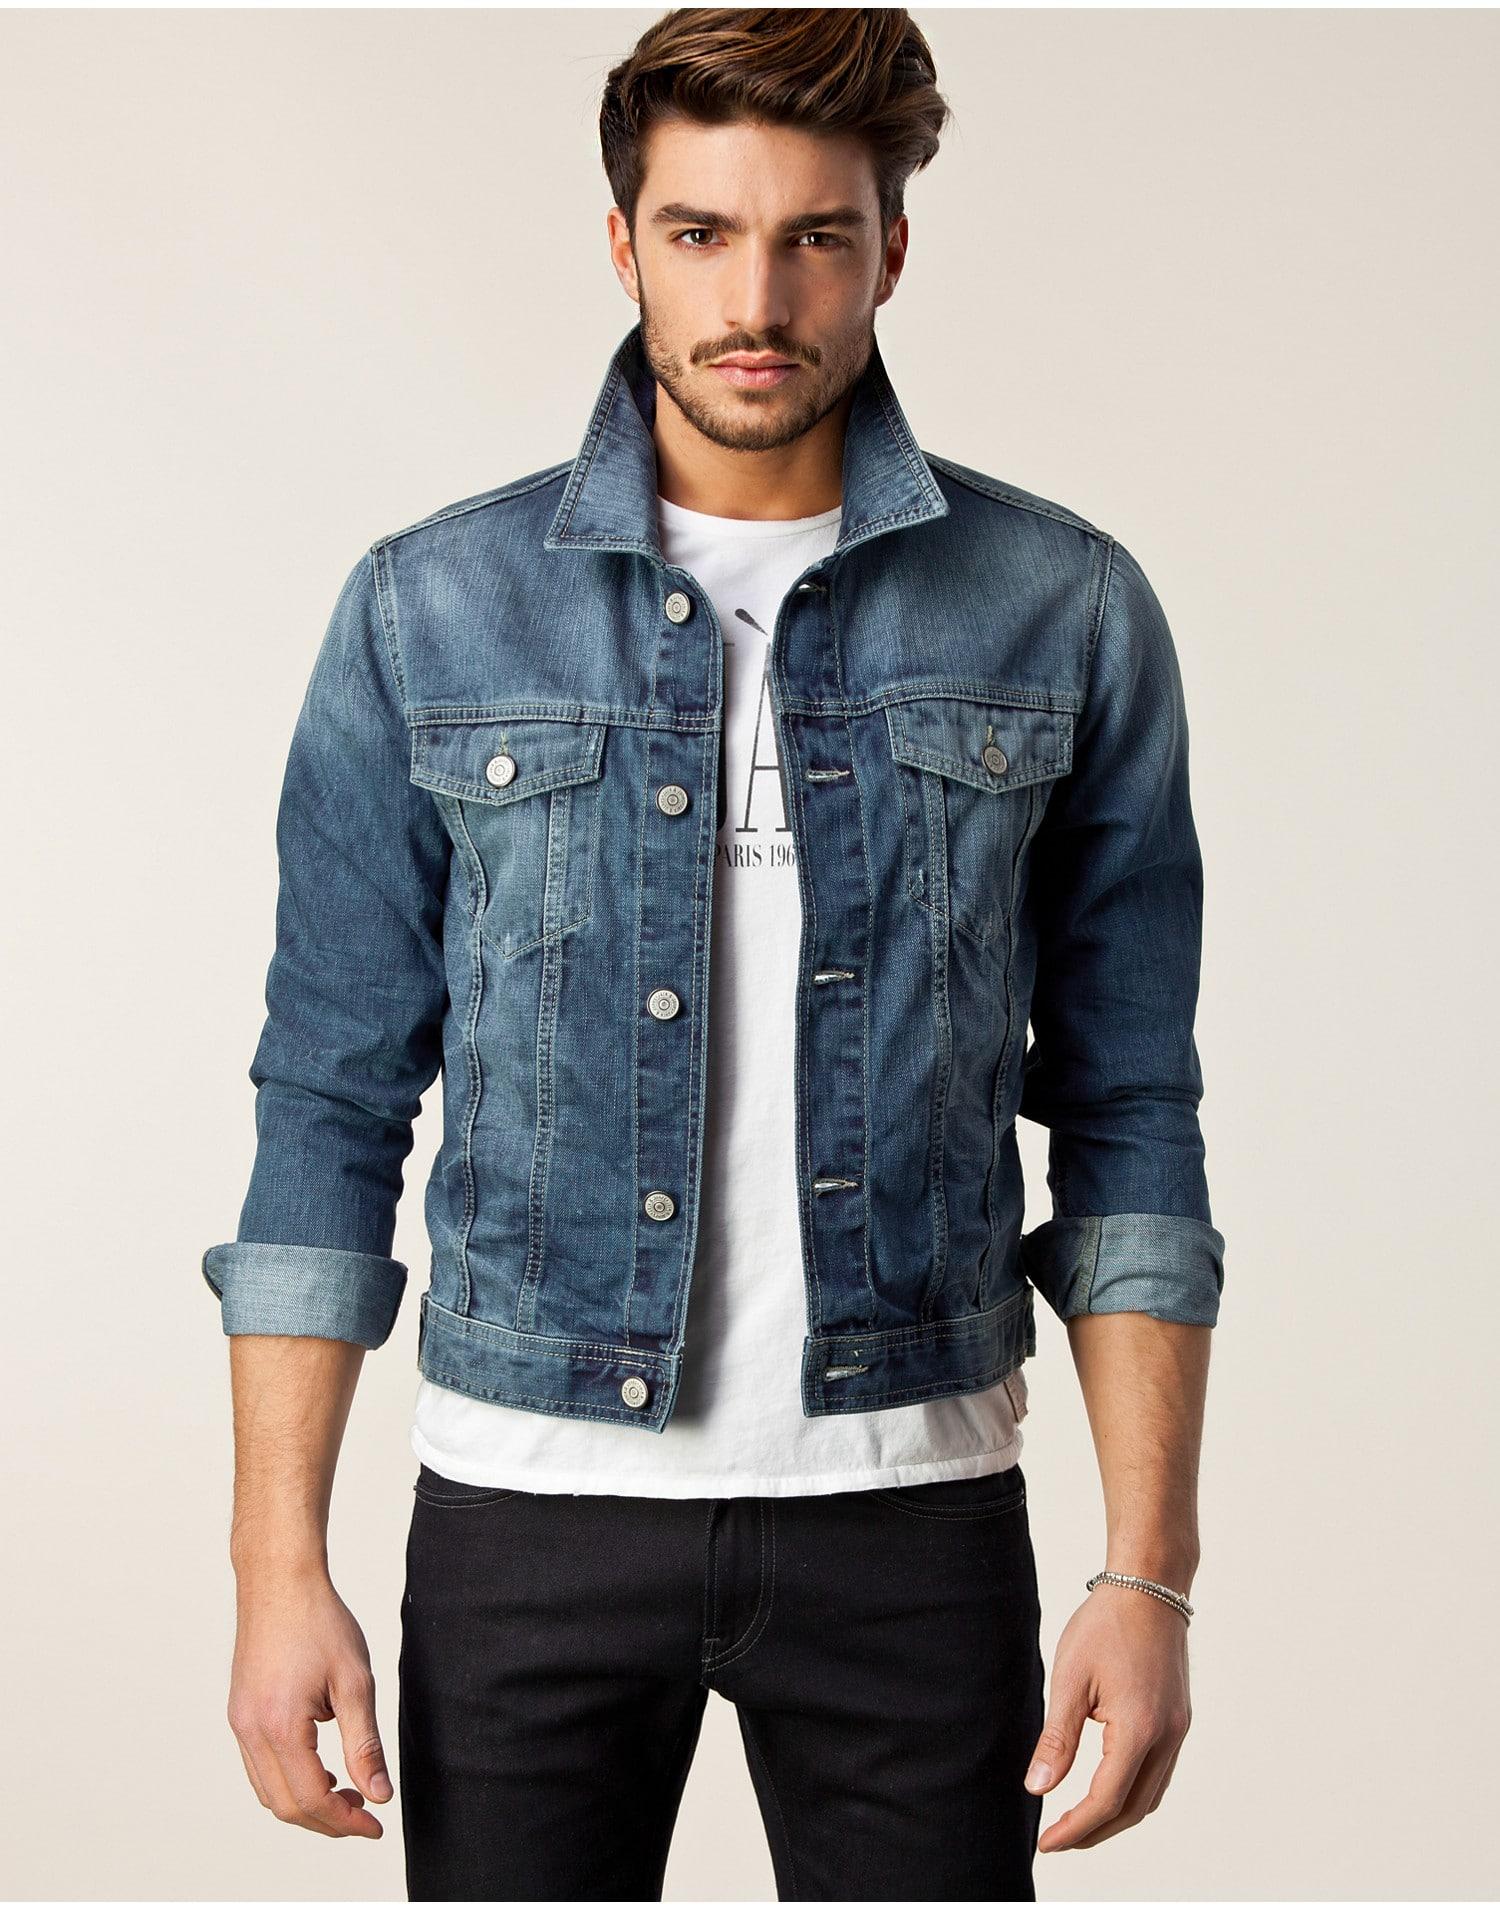 b-a-como-usar-camisa-jeans-homens-que-se-cuidam